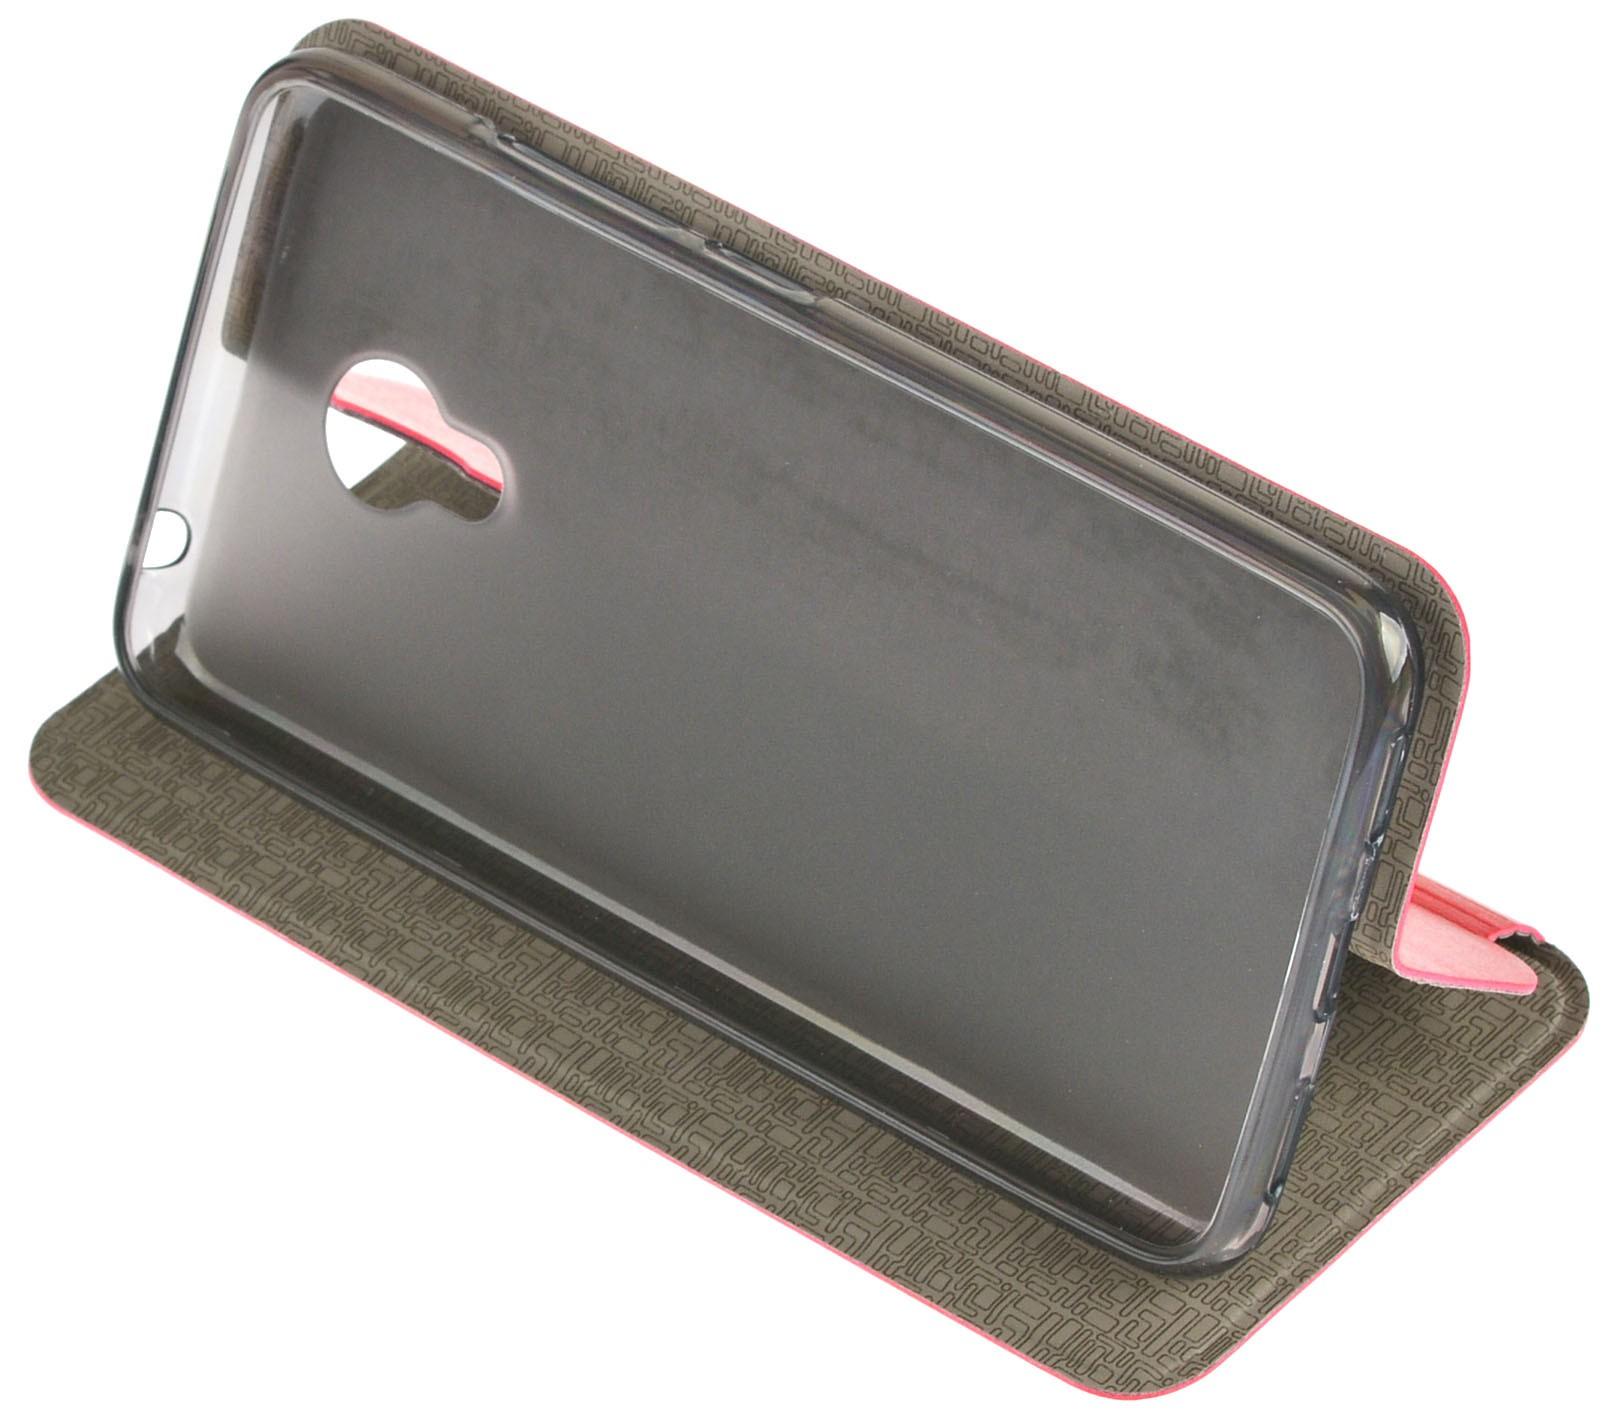 Чехол для сотового телефона skinBOX Lux, 4660041407594, красный чехол для meizu m3 note gecko flip красный